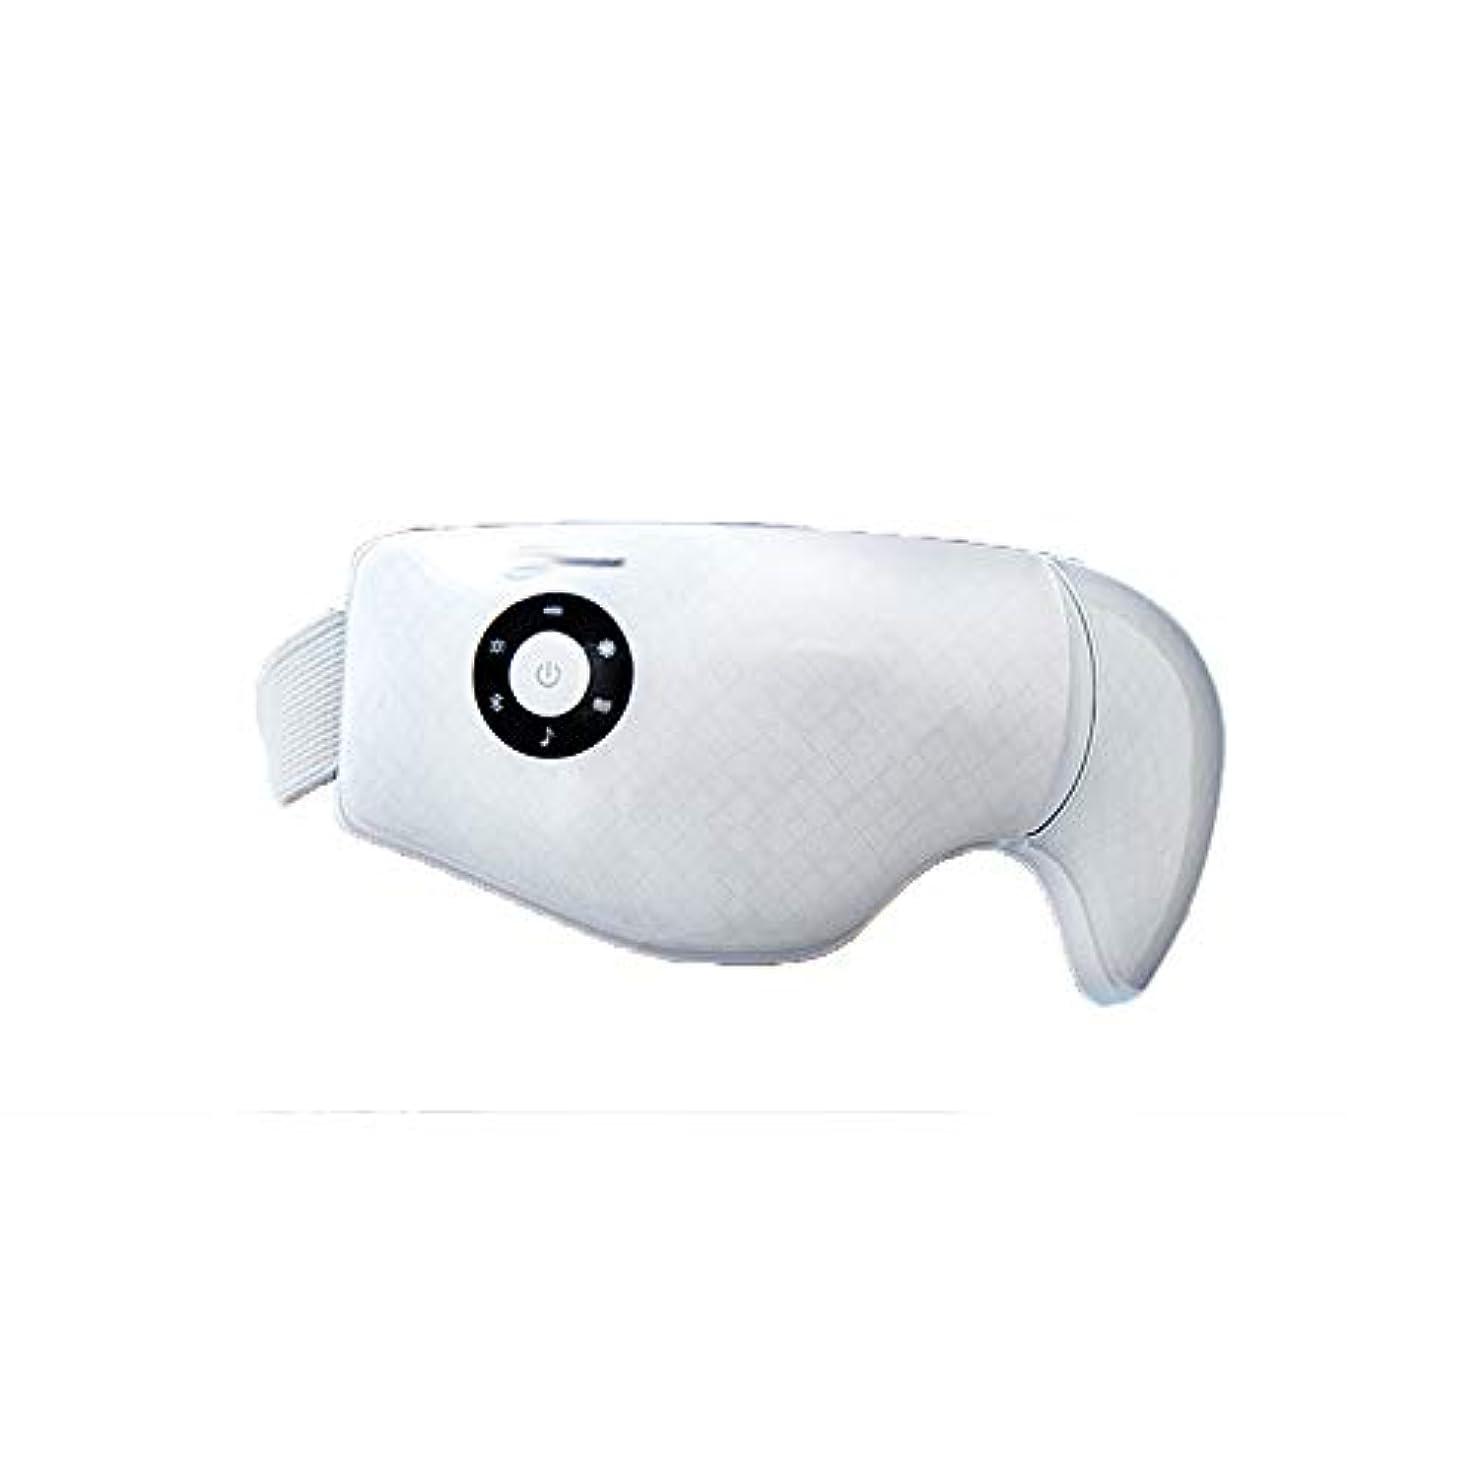 アラブサラボテラスぐるぐるマッサージャー - マッサージャーは、黒丸を回復するために近視をホット圧縮します (Color : White)